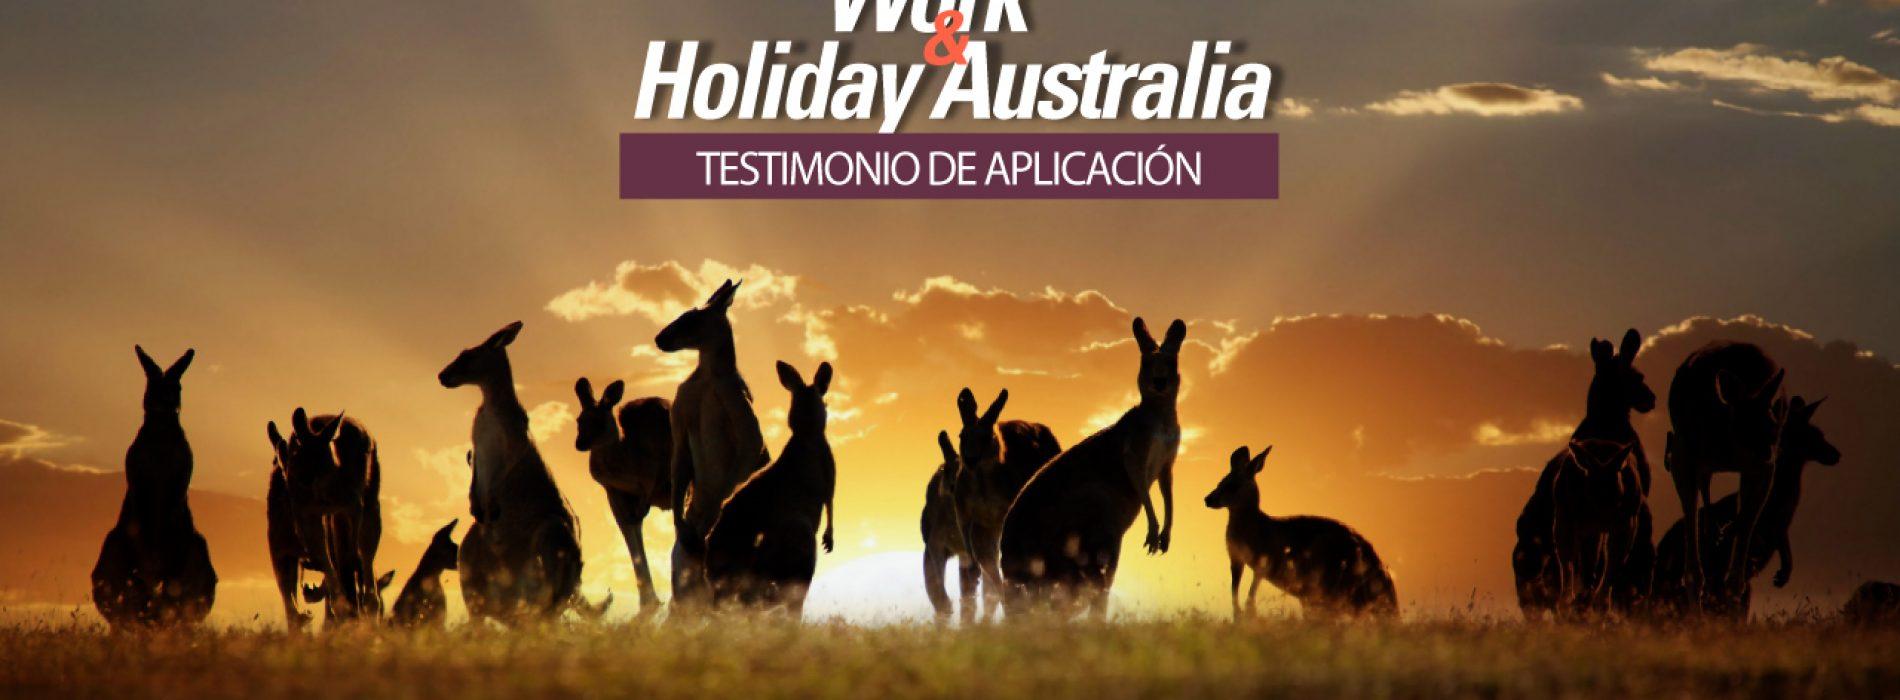 Avusturalya'da Yaşamak, Okumak ve Work And Holiday Tecrübelerim